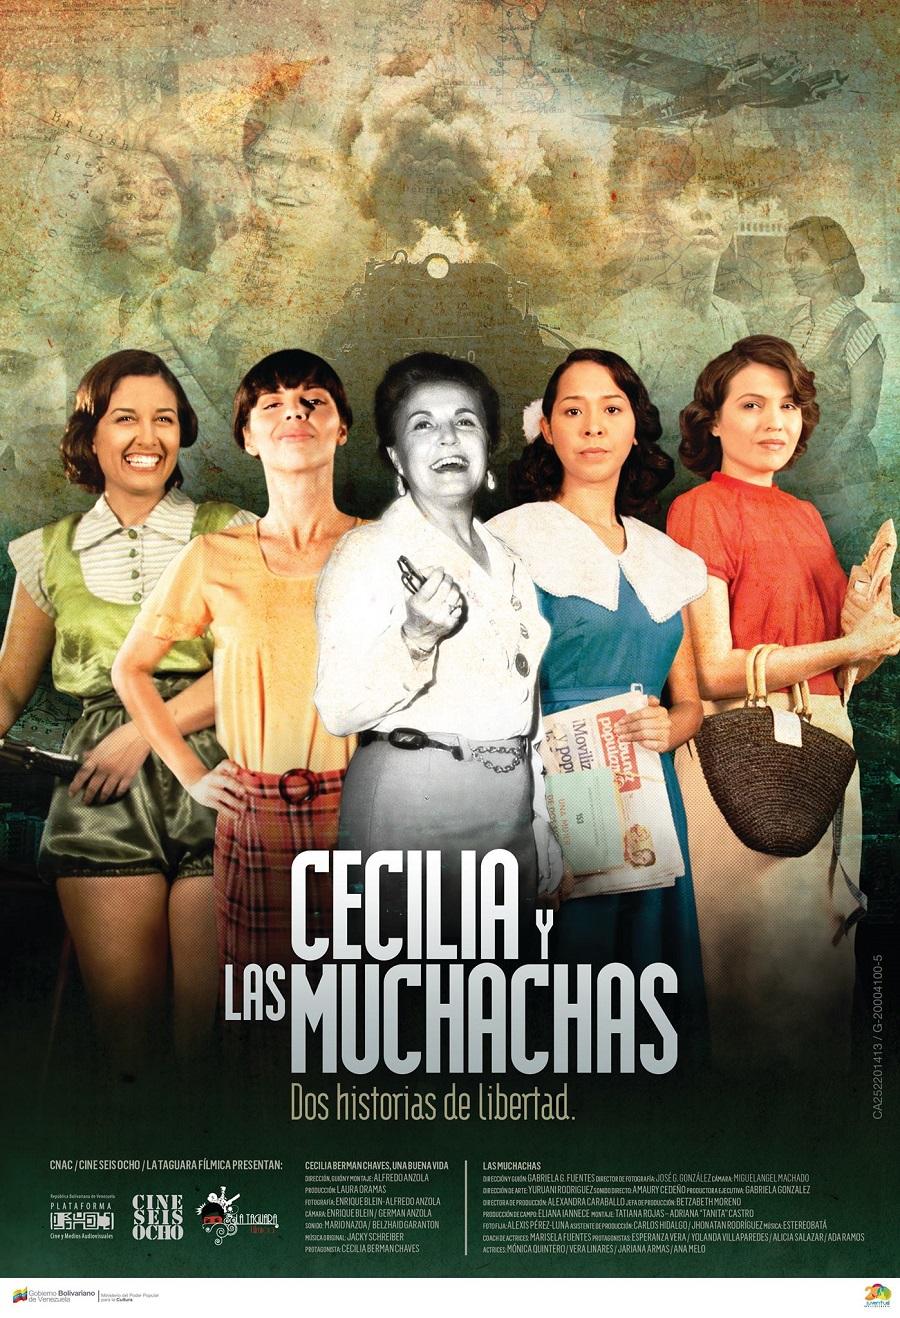 Cecilia y Las Muchachas